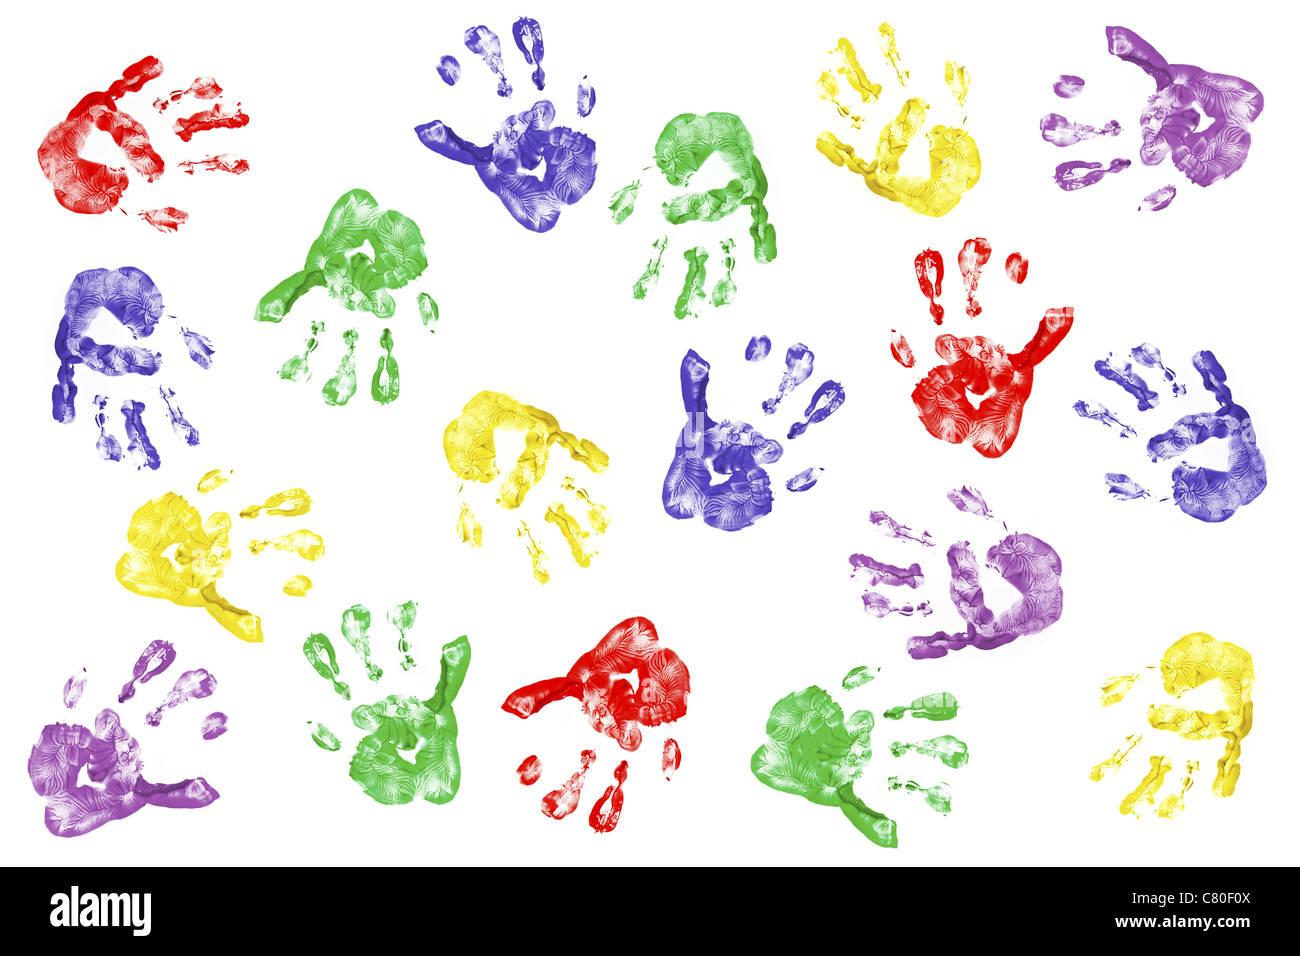 Kinder Handabdrücke mit Fingerpaint isoliert auf weiss Stockbild